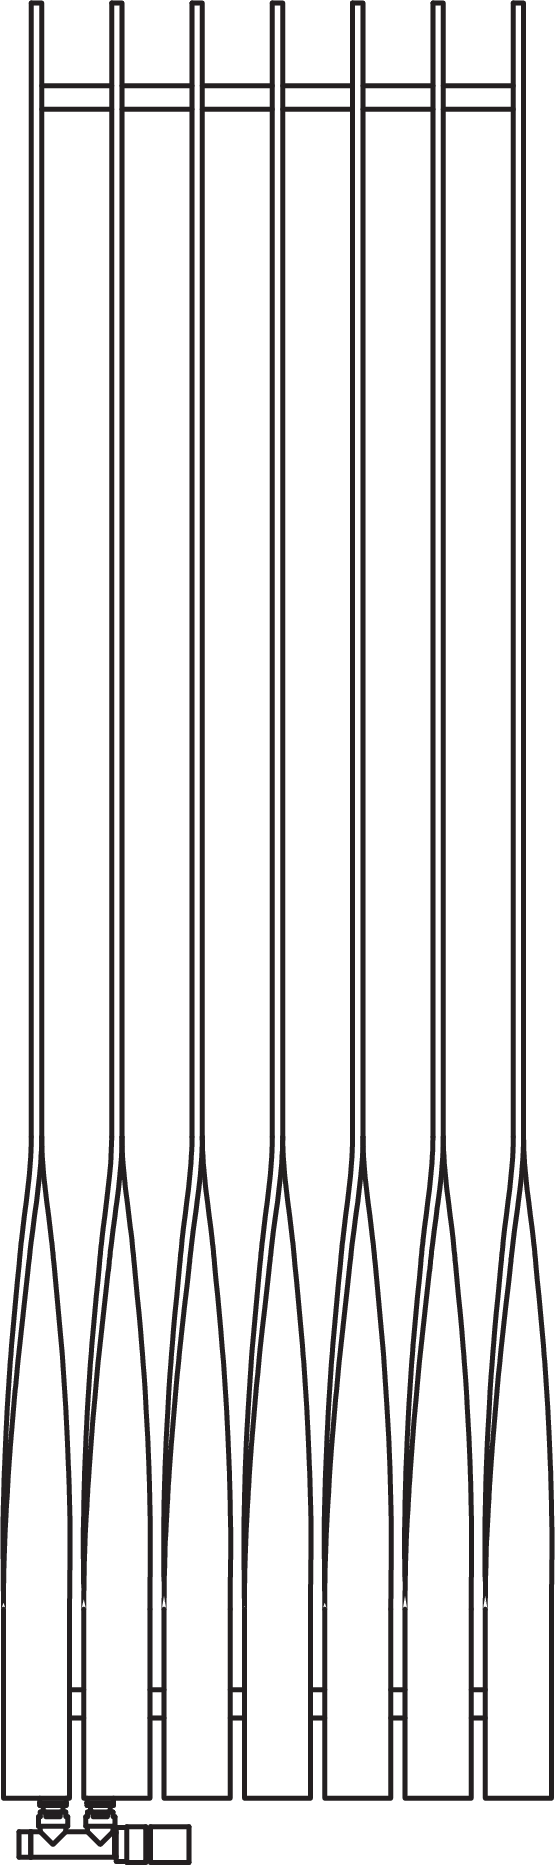 size: 1900x580